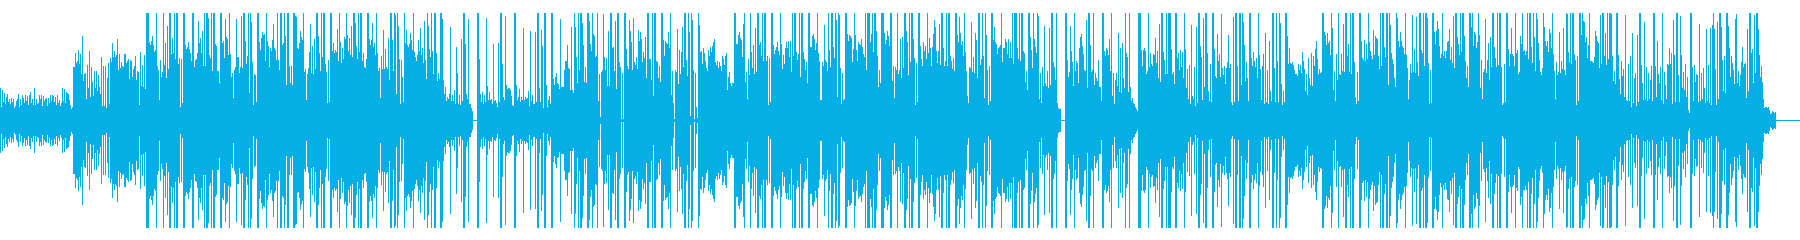 ダーク/ハードでノイジーなヒップホップの再生済みの波形